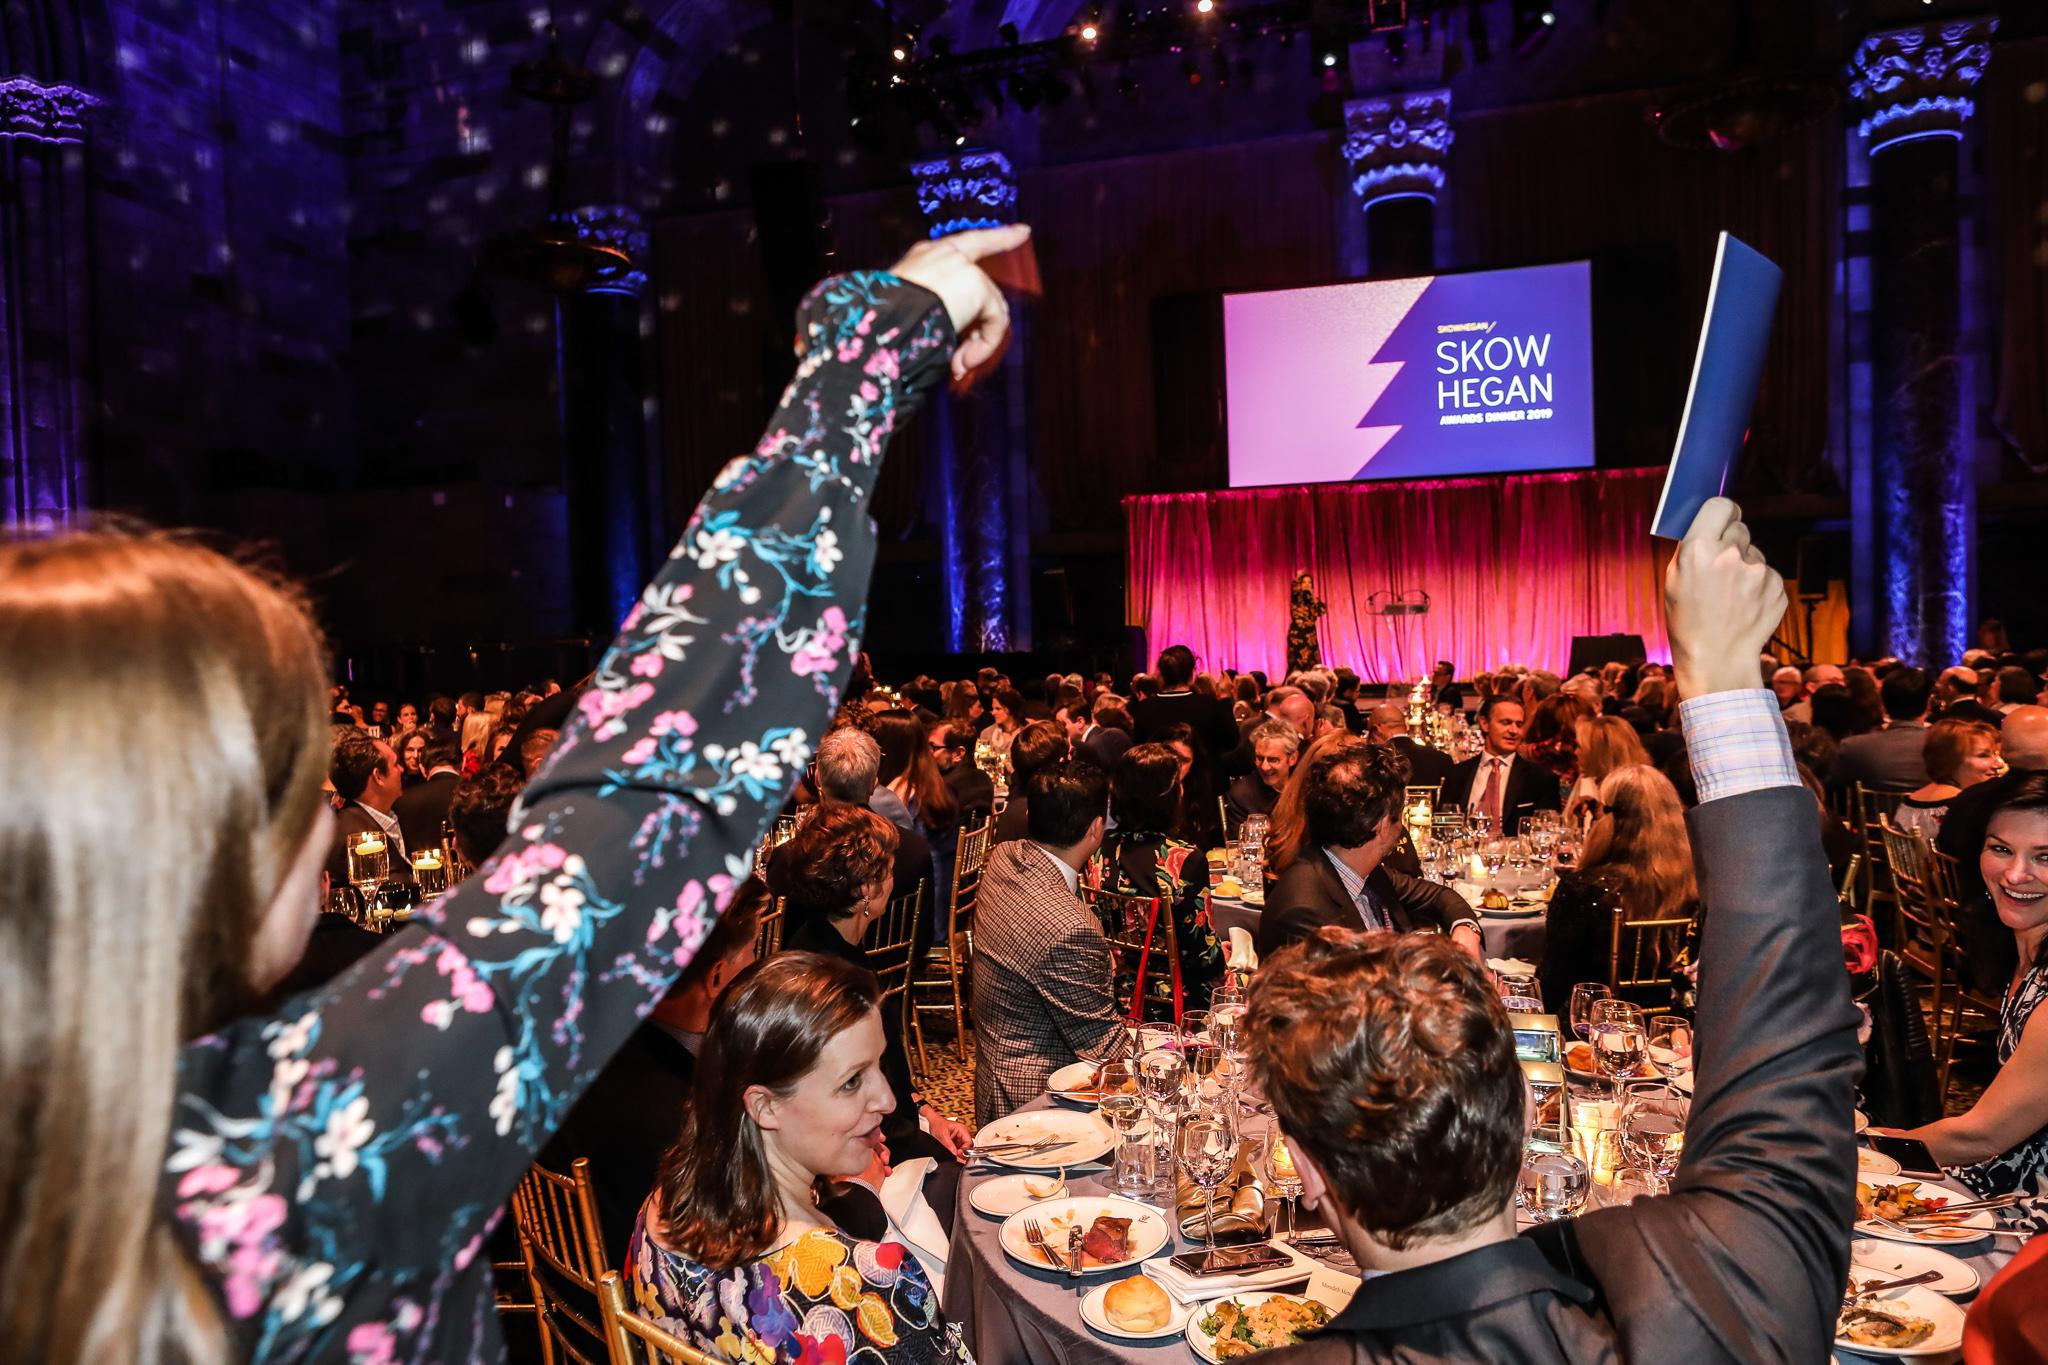 Skowhegan Awards Dinner 2019